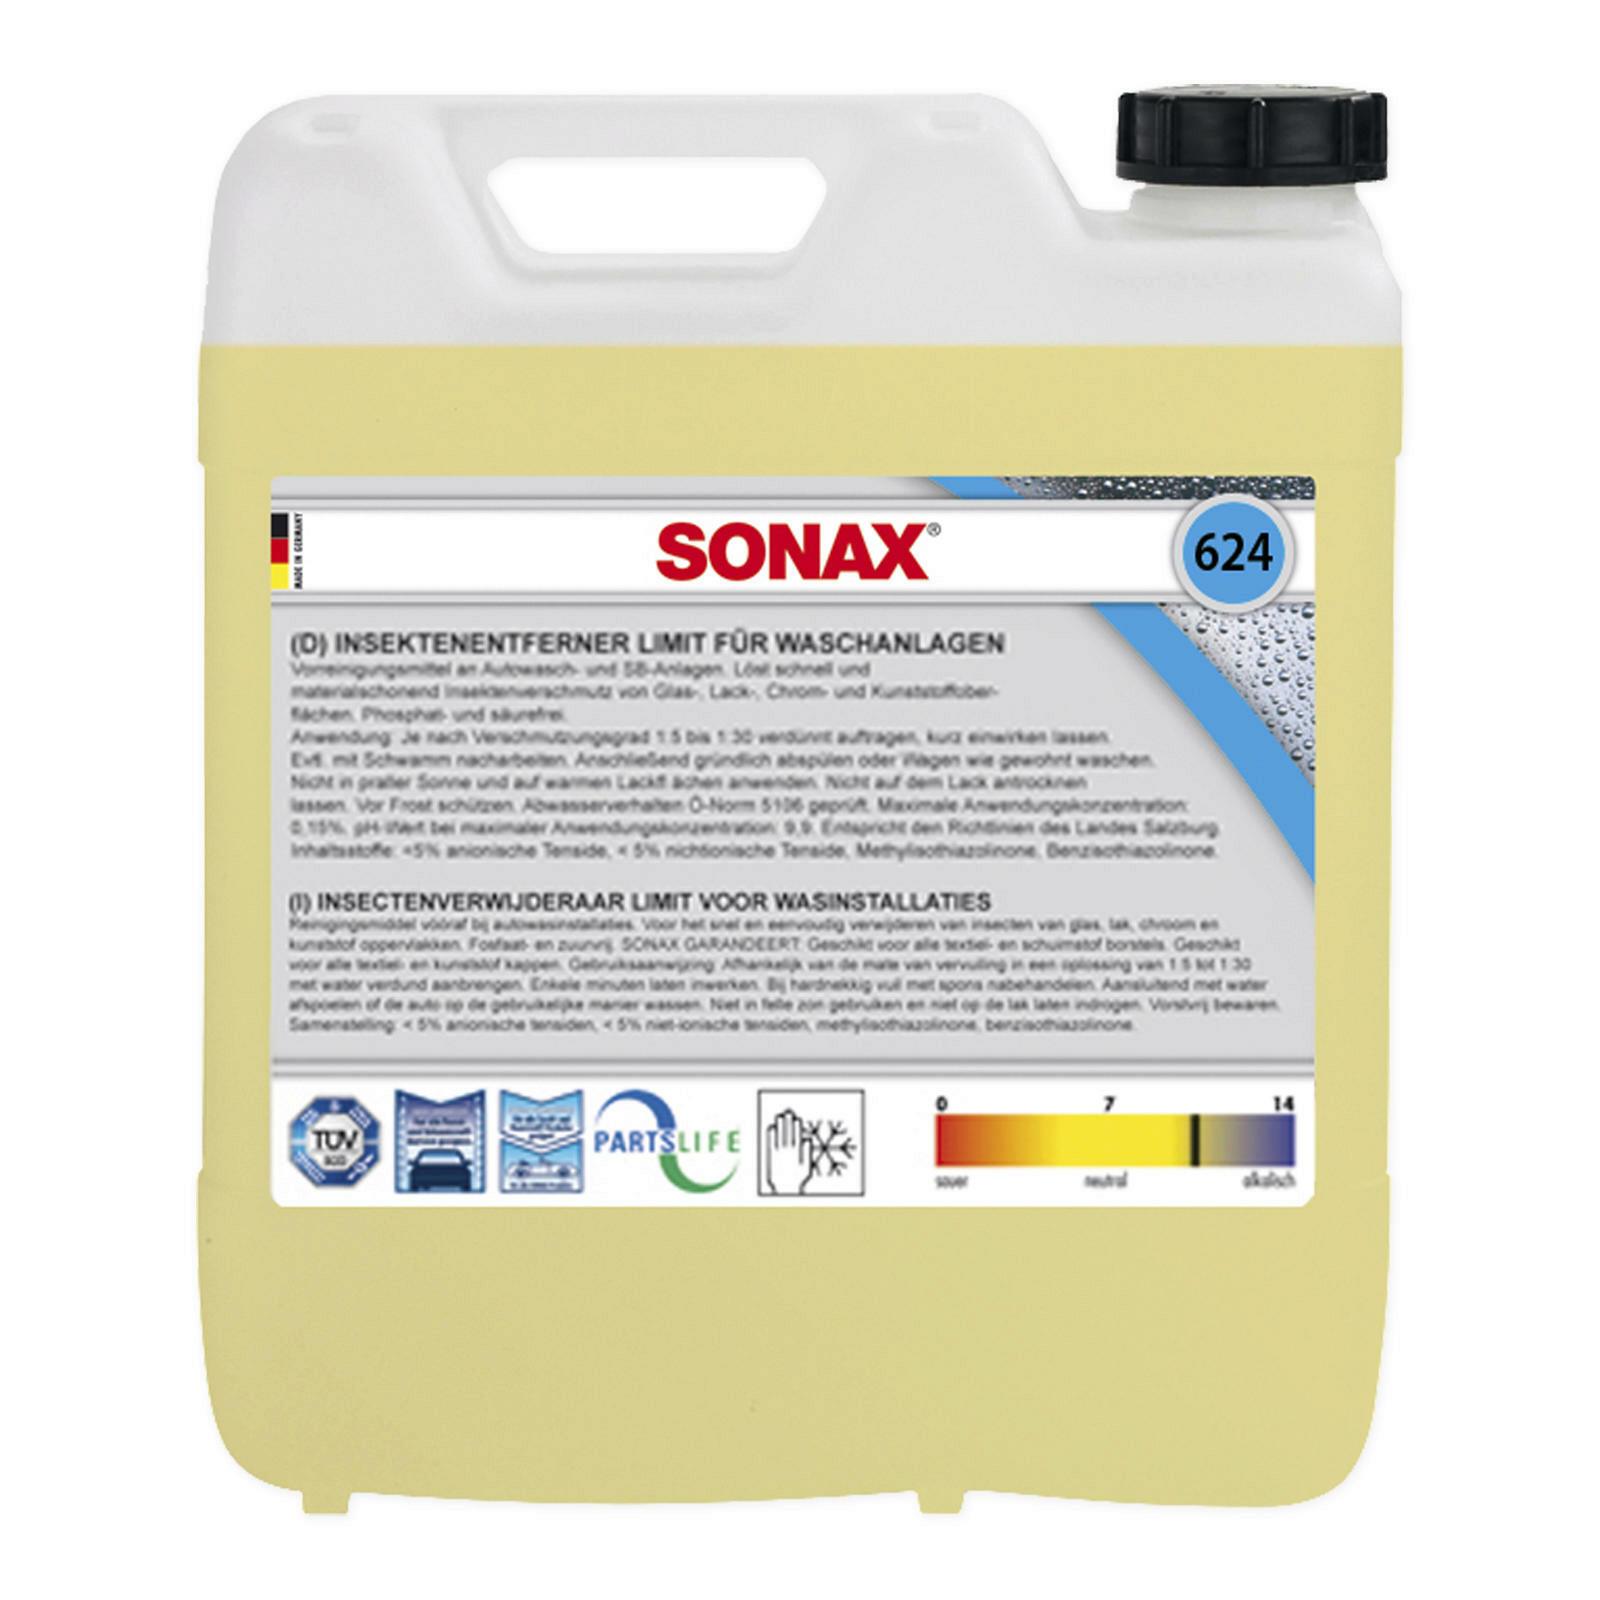 SONAX InsektenEntferner für Waschanlagen 10l